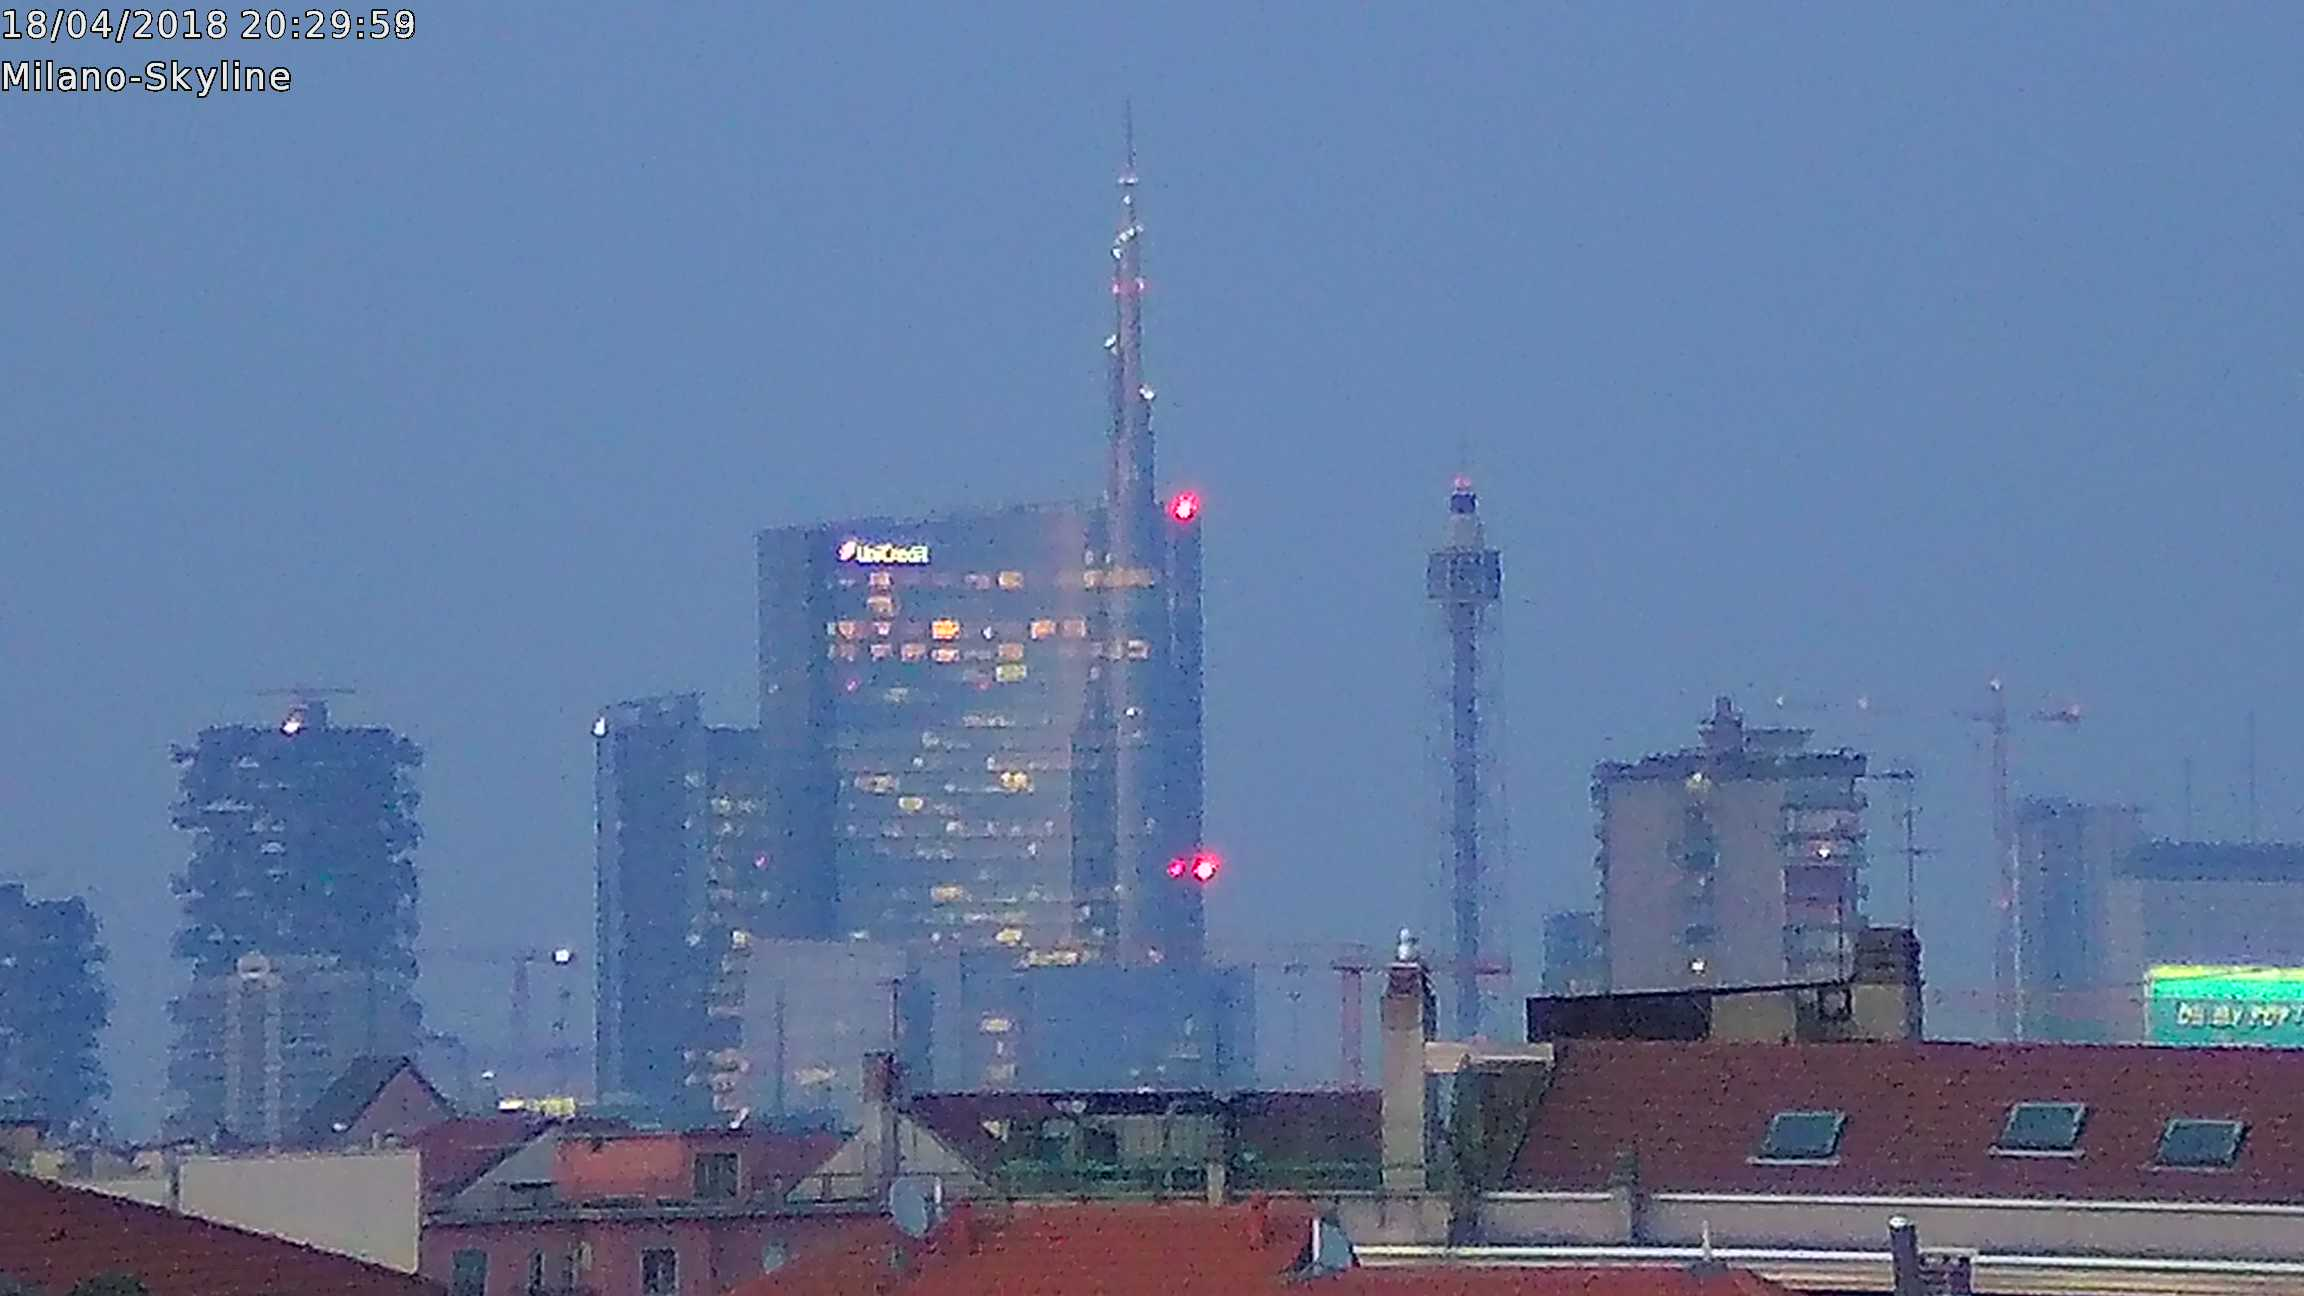 Diretta della città di Milano tramite le Telecamere Foscam (Skyline di Milano)